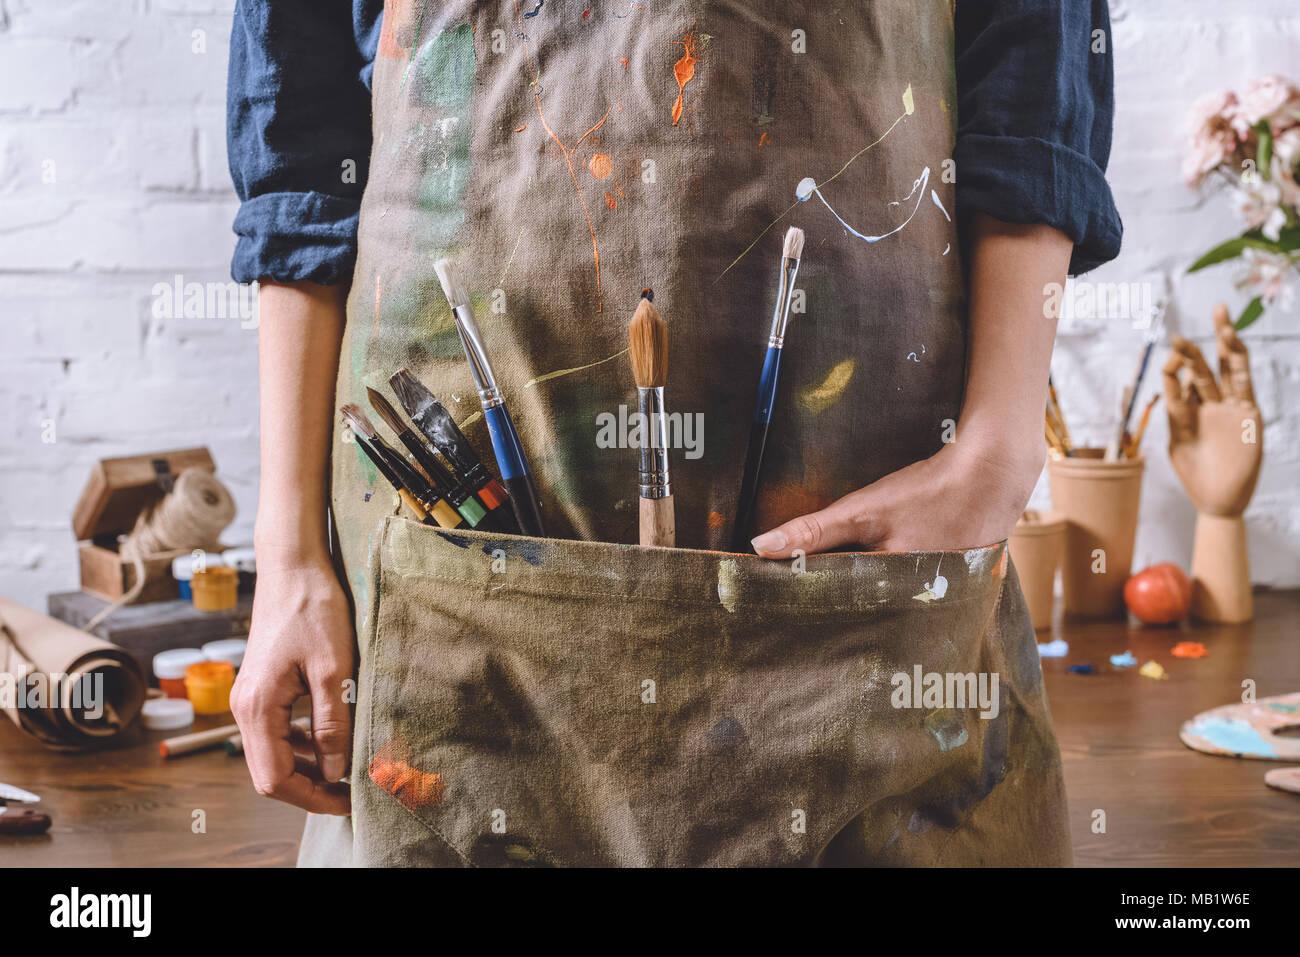 Zugeschnittenes Bild des Künstlers mit Bürsten und Hand in Schürze Tasche Stockfoto